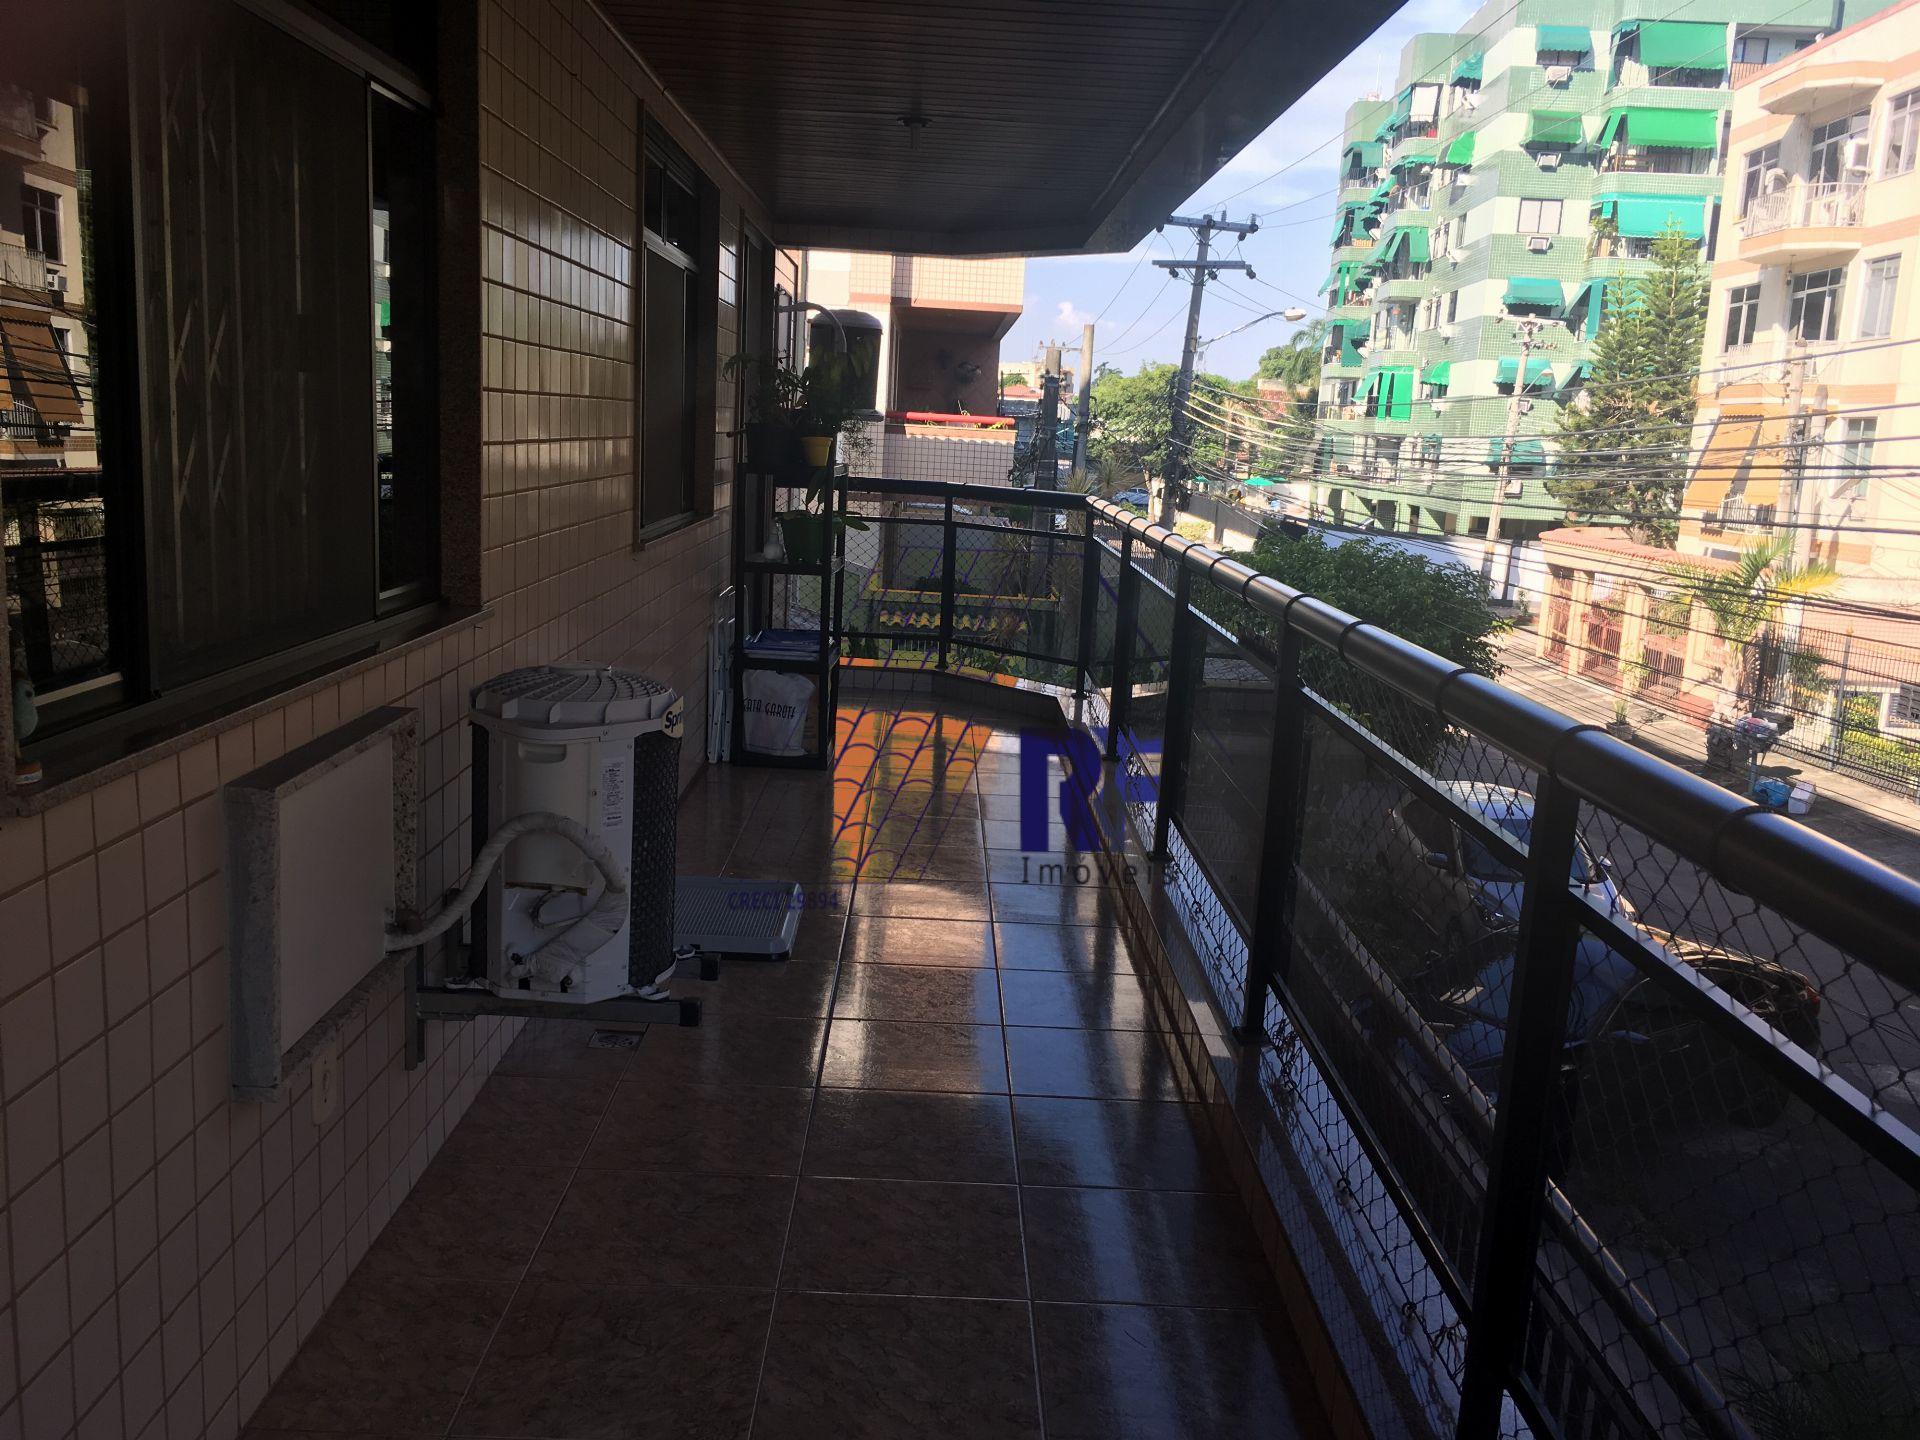 FOTO 19 - Apartamento à venda Rua Águas Mornas,Vila Valqueire, Rio de Janeiro - R$ 580.000 - RF130 - 20